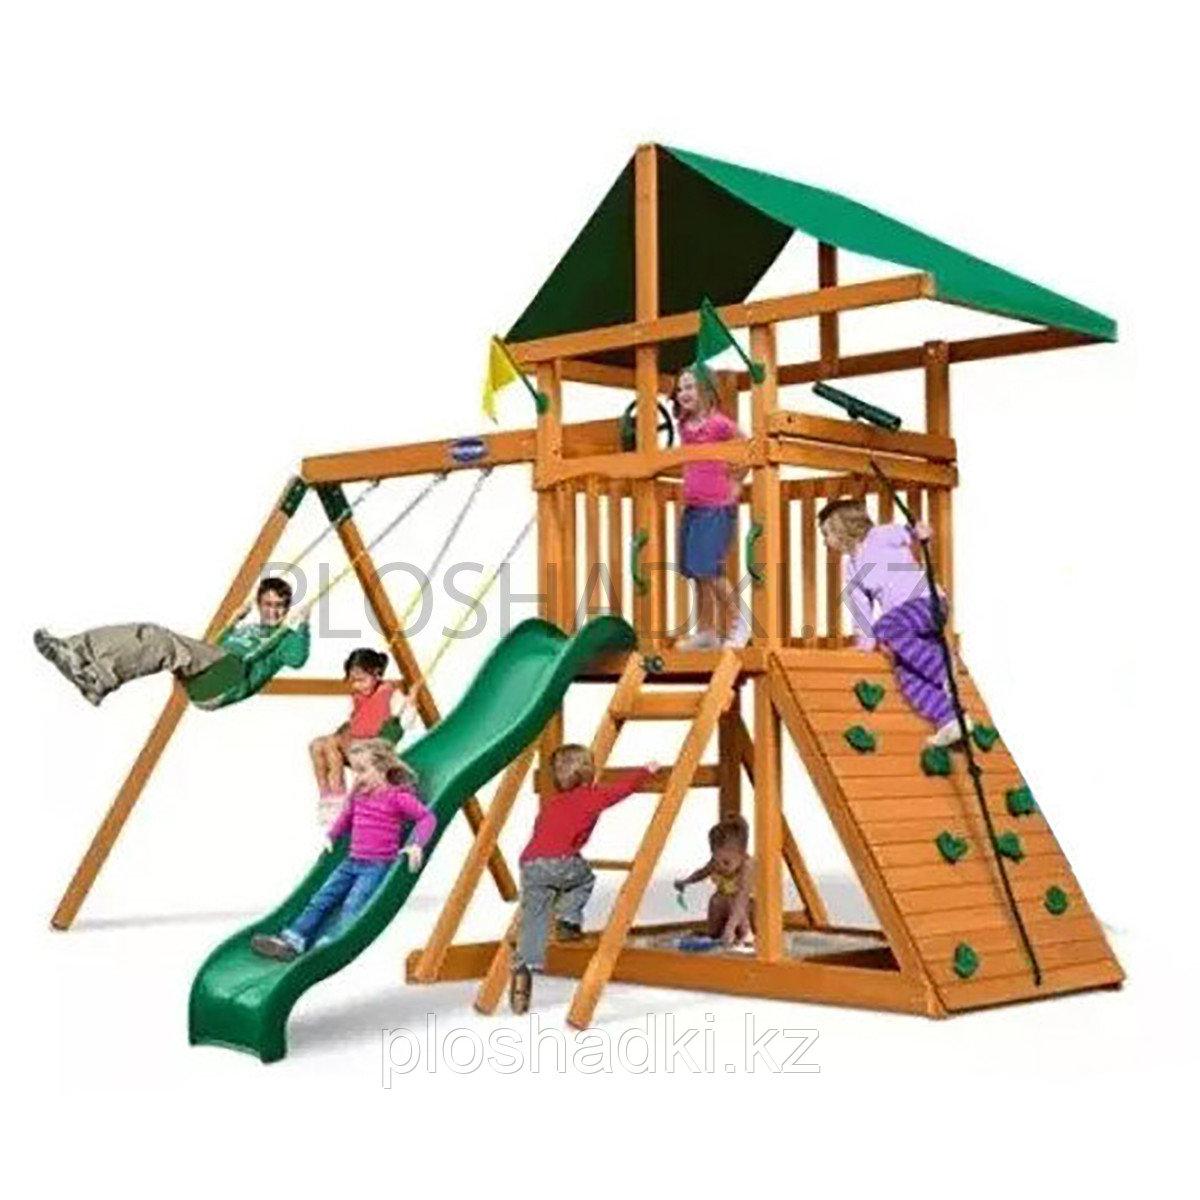 """Деревянный игровой комплекс """"Конго"""", скалодром, качели, горка"""